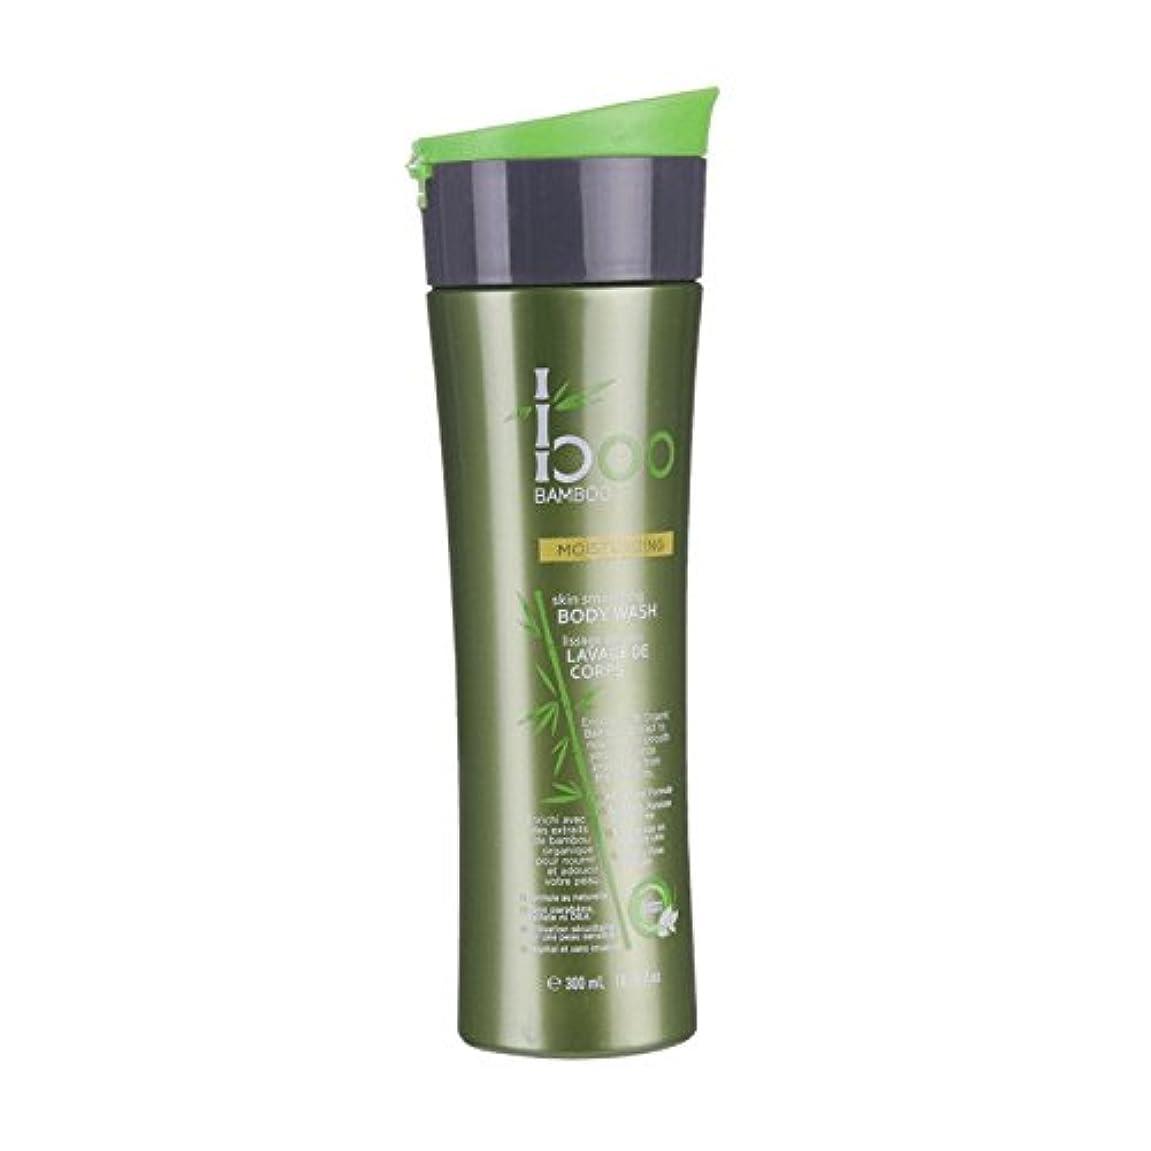 人事地上で過半数Boo Bamboo Moist Body Wash 300ml (Pack of 6) - 竹しっとりボディウォッシュ300ミリリットルブーイング (x6) [並行輸入品]